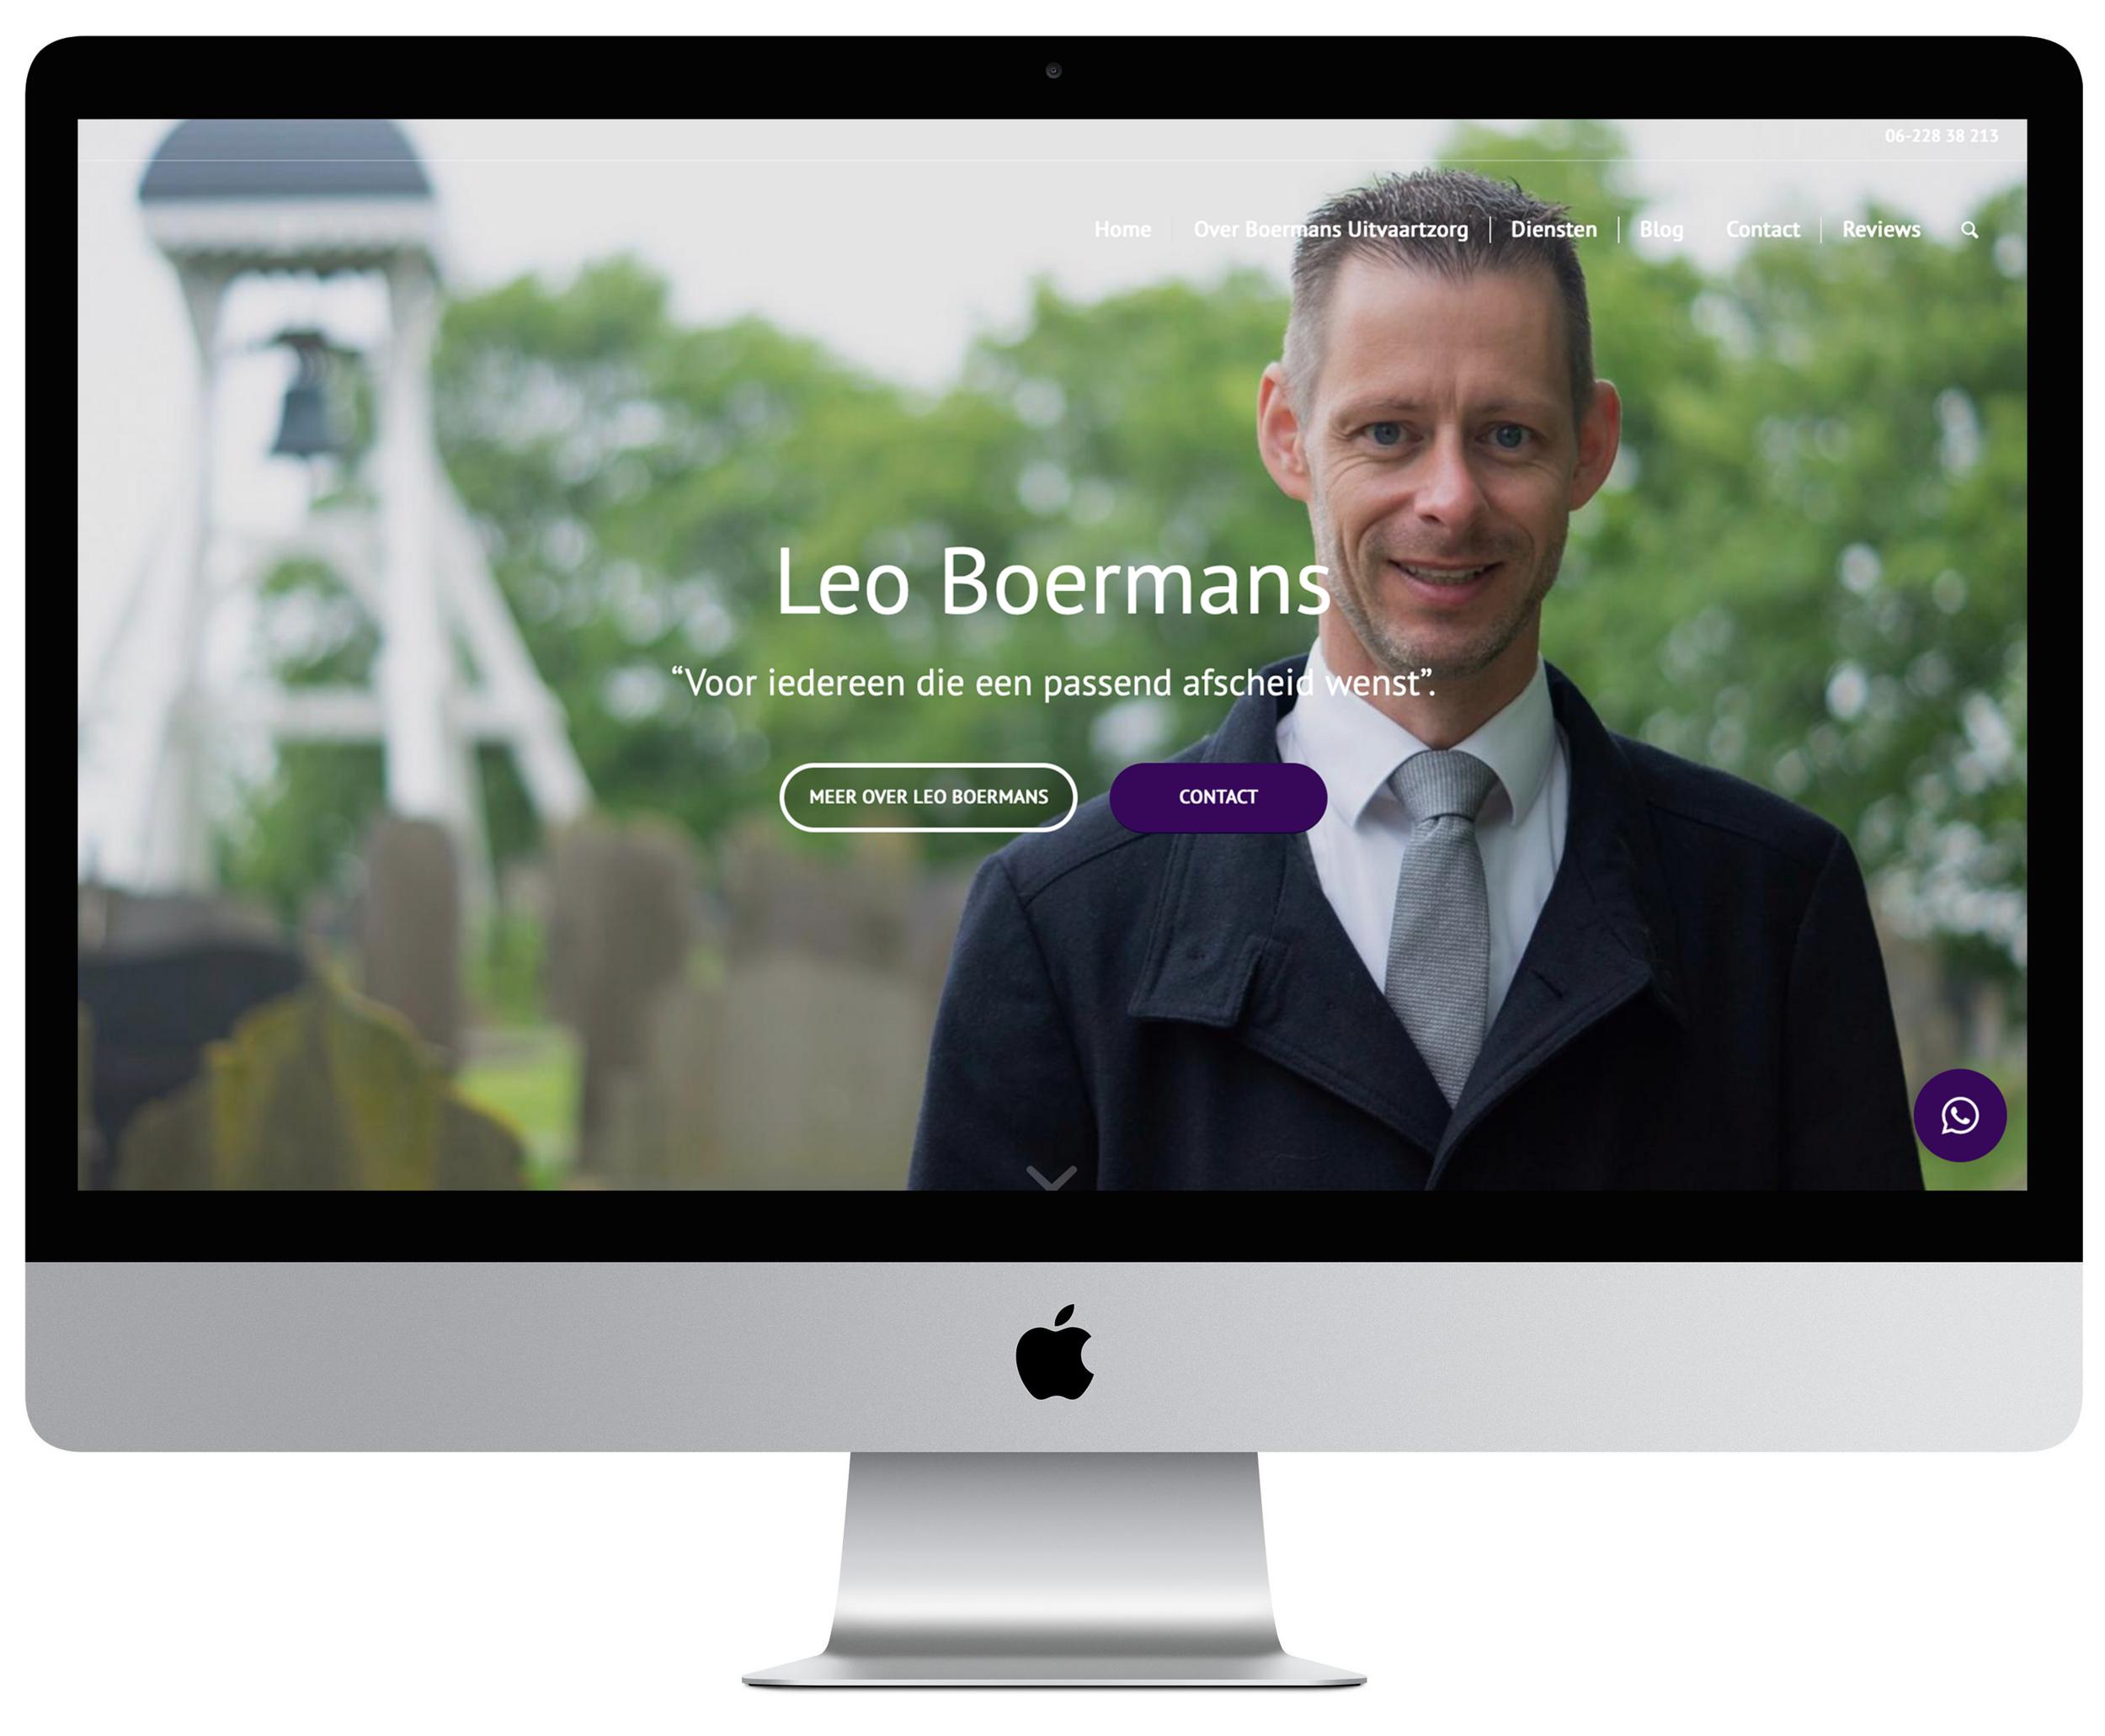 Leo Boermans Uitvaartzorg